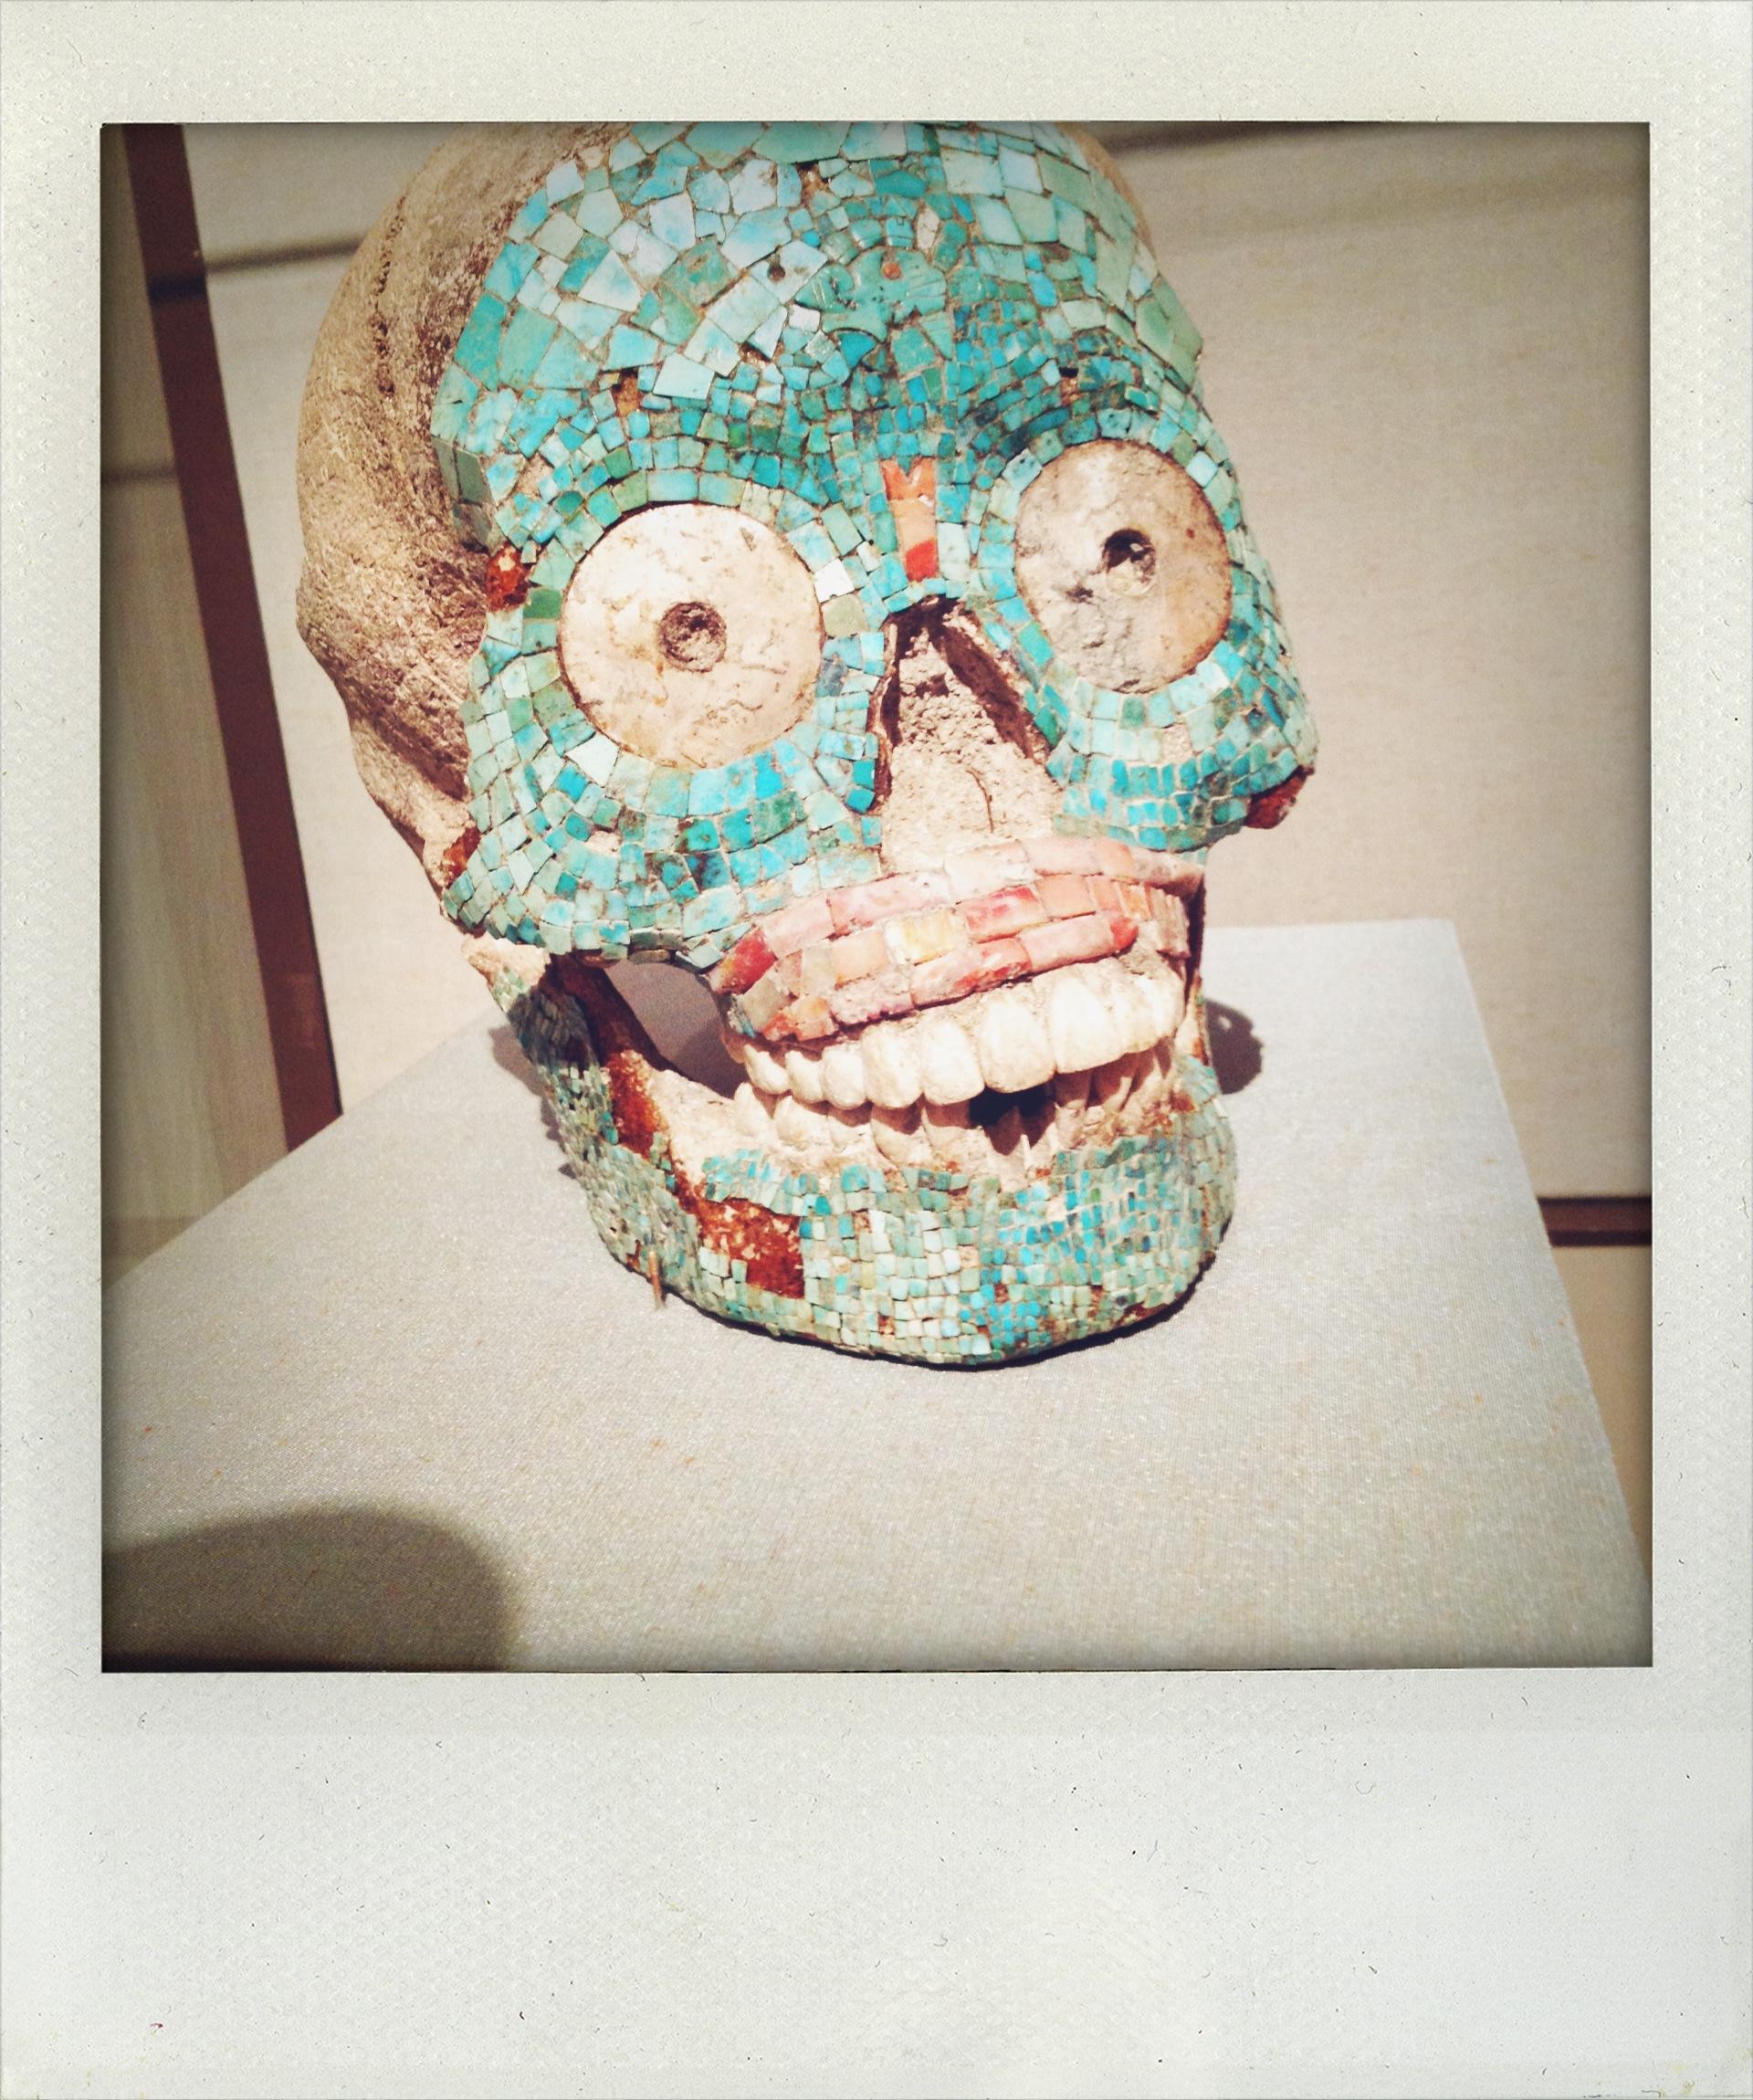 Episode 5: Skulls